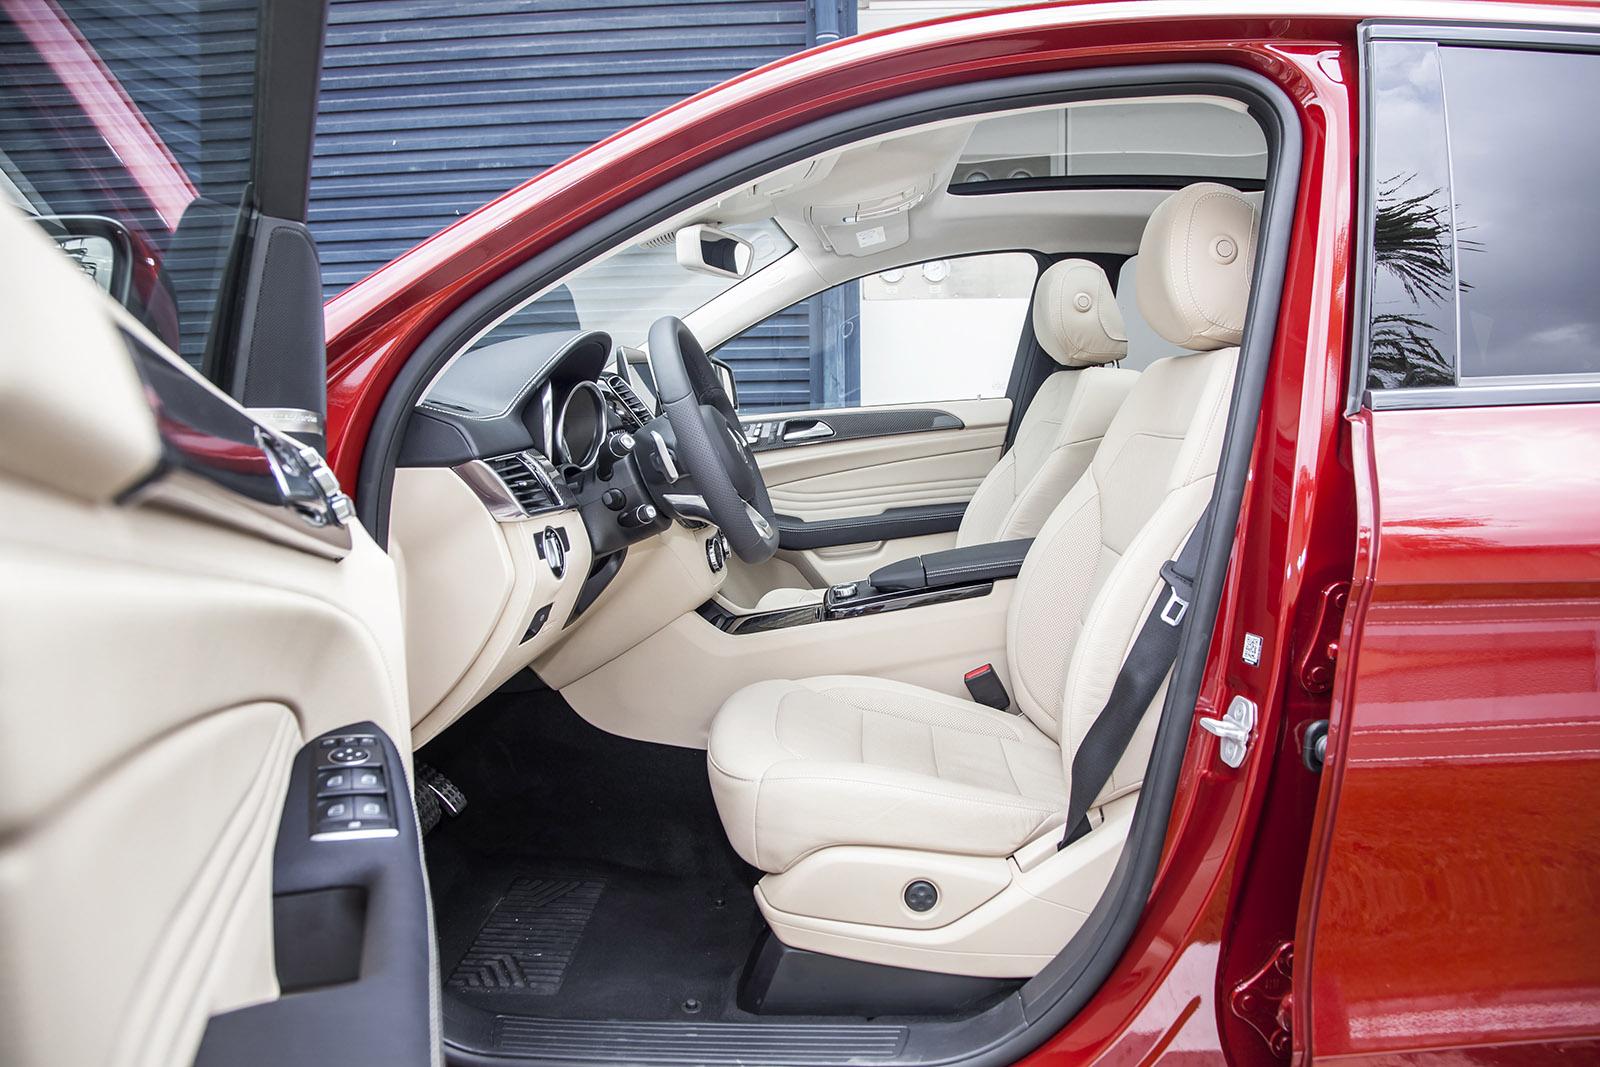 Mercedes-Benz - Chuyen dong cung dang cap thoi thuong_2